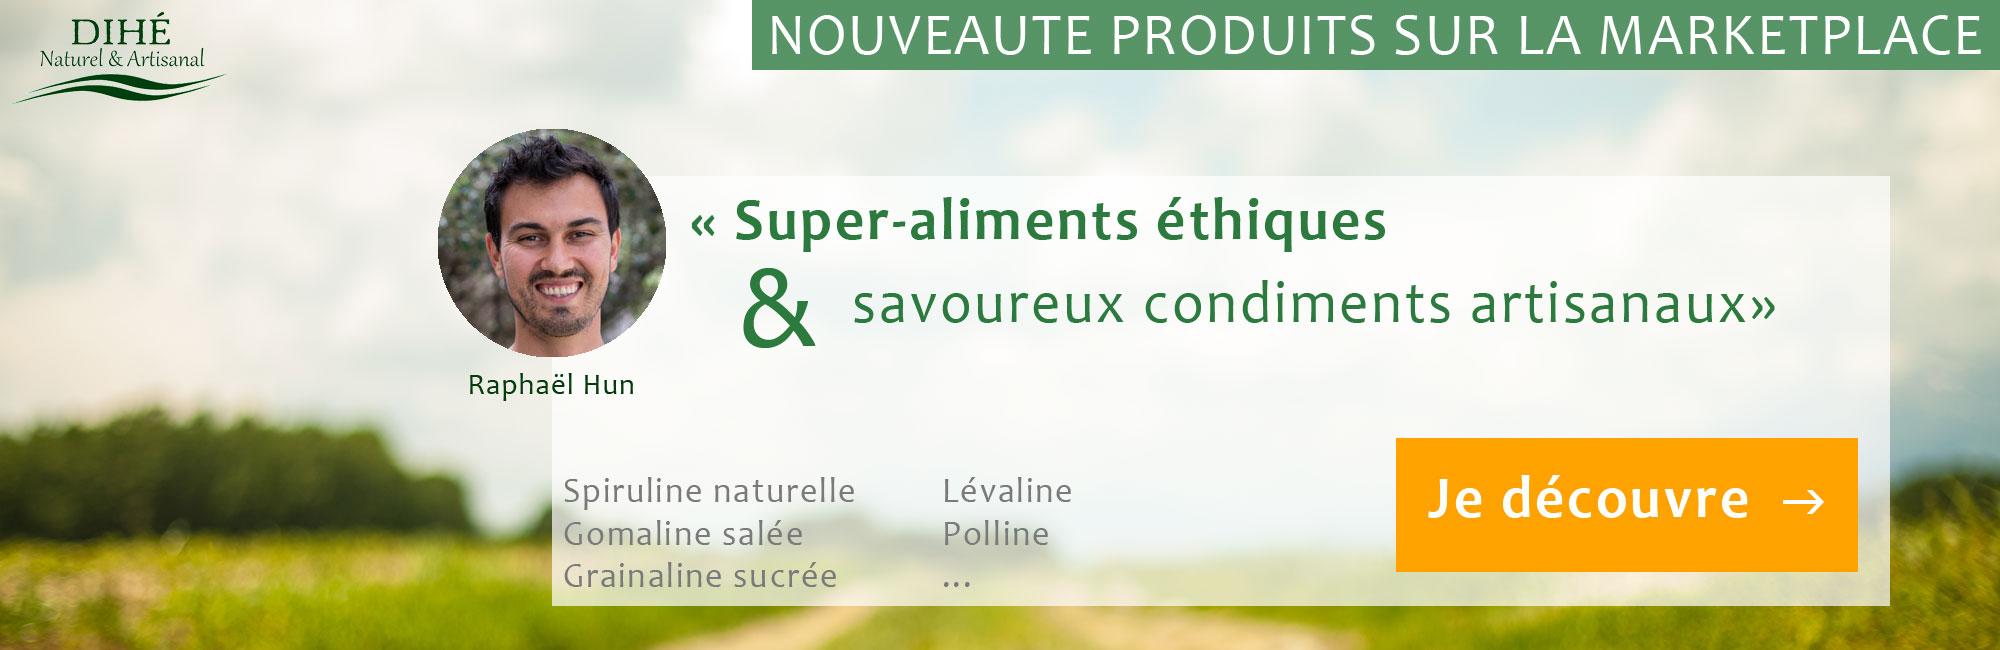 Dihe : super-aliments éthiques et savoureux condiments artisanaux